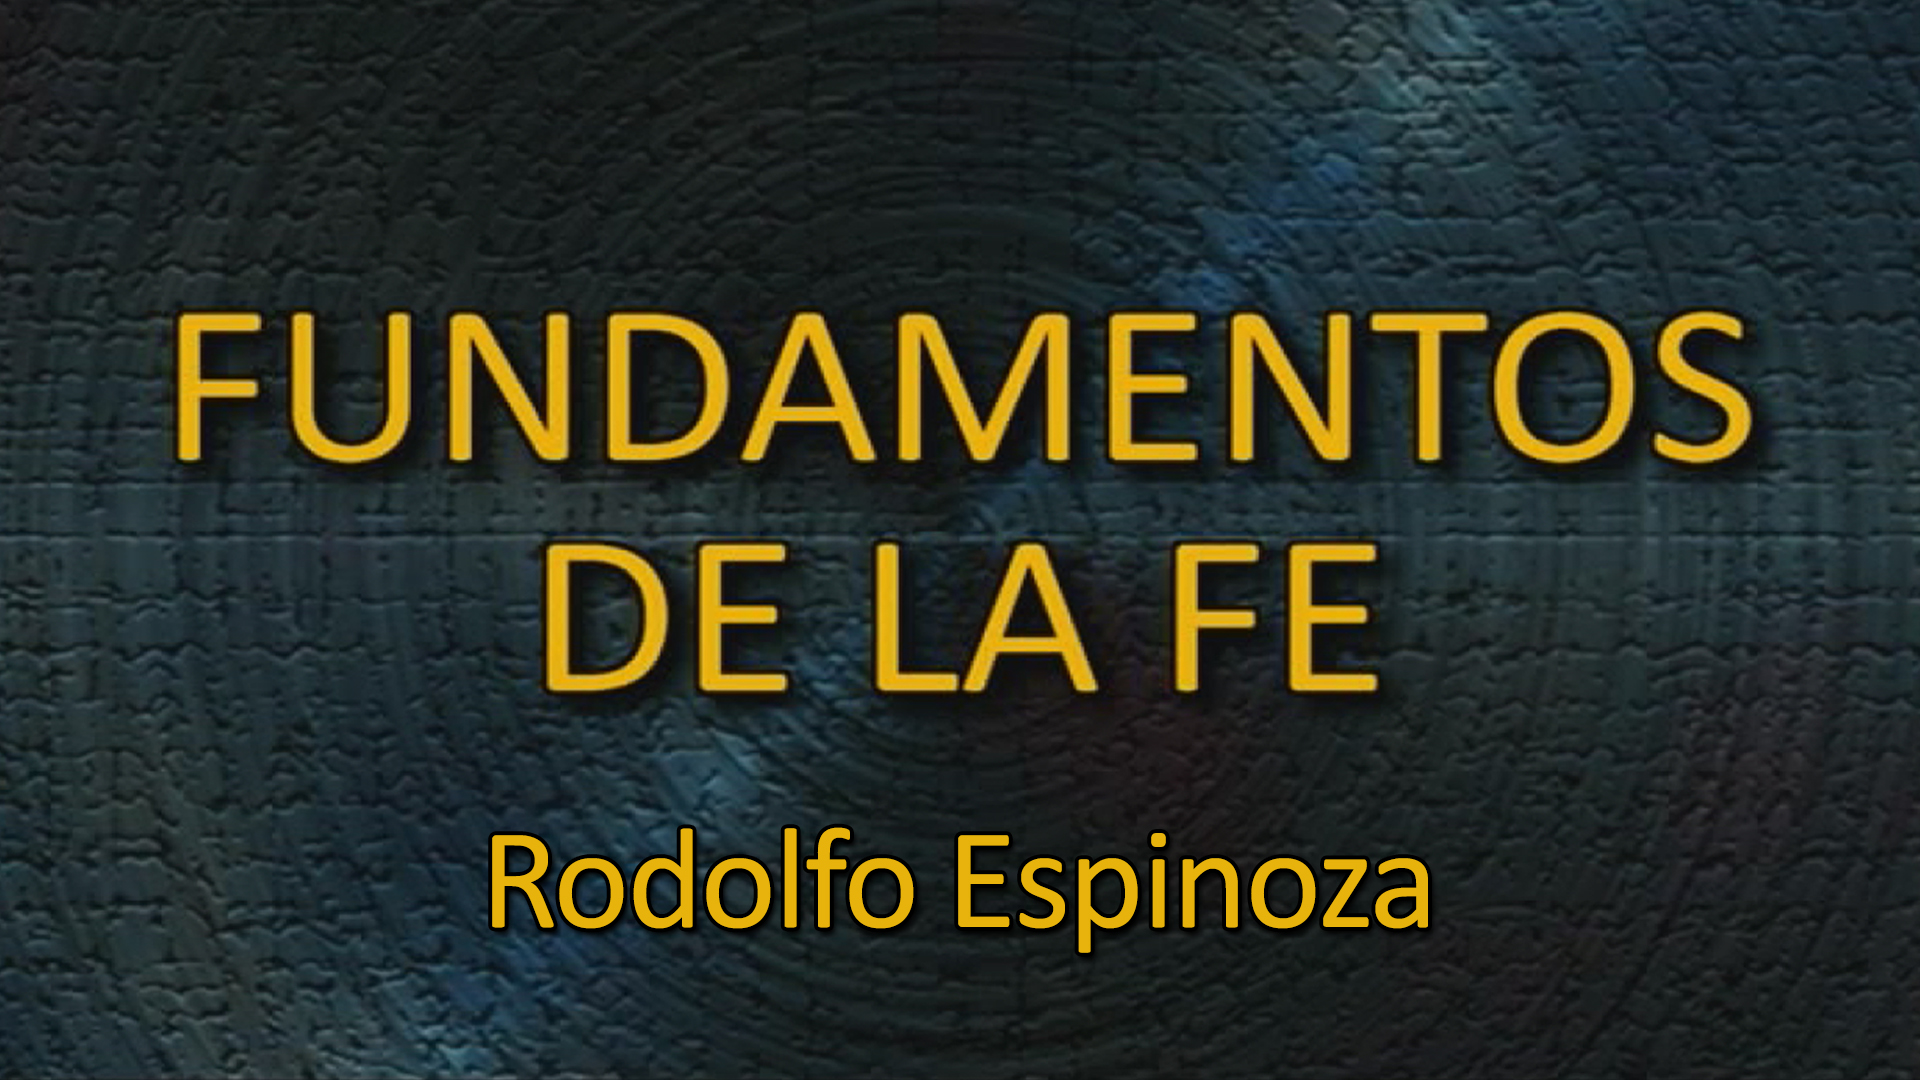 Fundamentos de la Fe (Fundamentals of the Faith)